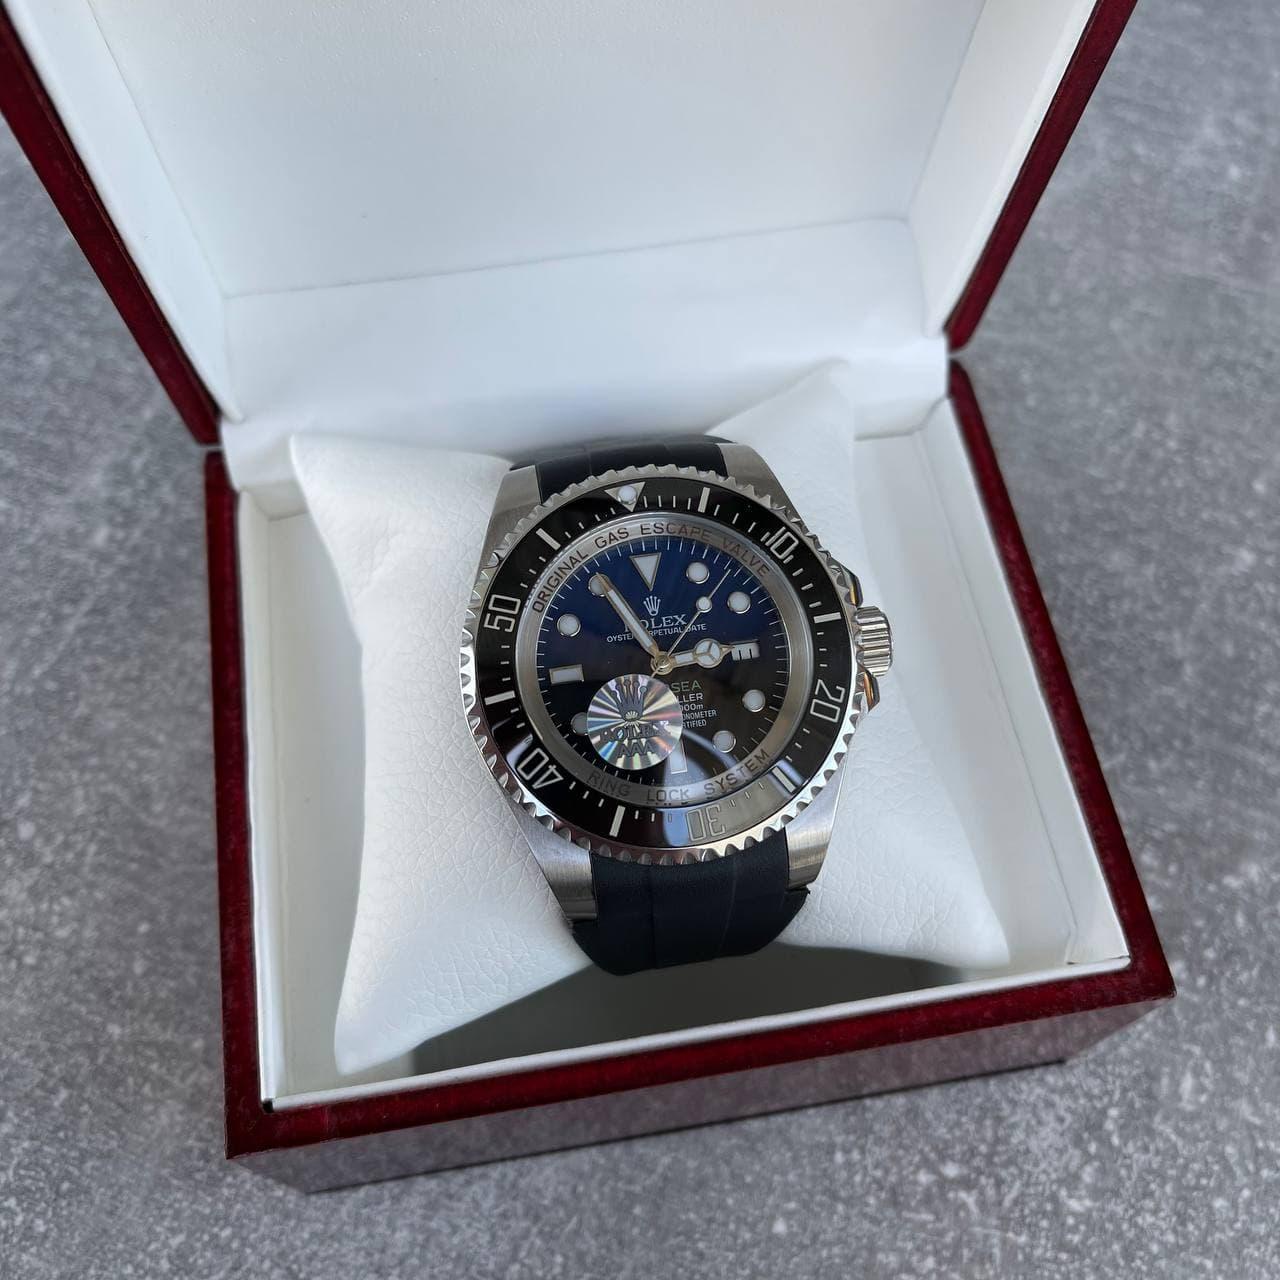 Часы наручные Rolex Deepsea Sea-Dweller Black-Silver-Black-Blue премиального ААА класса